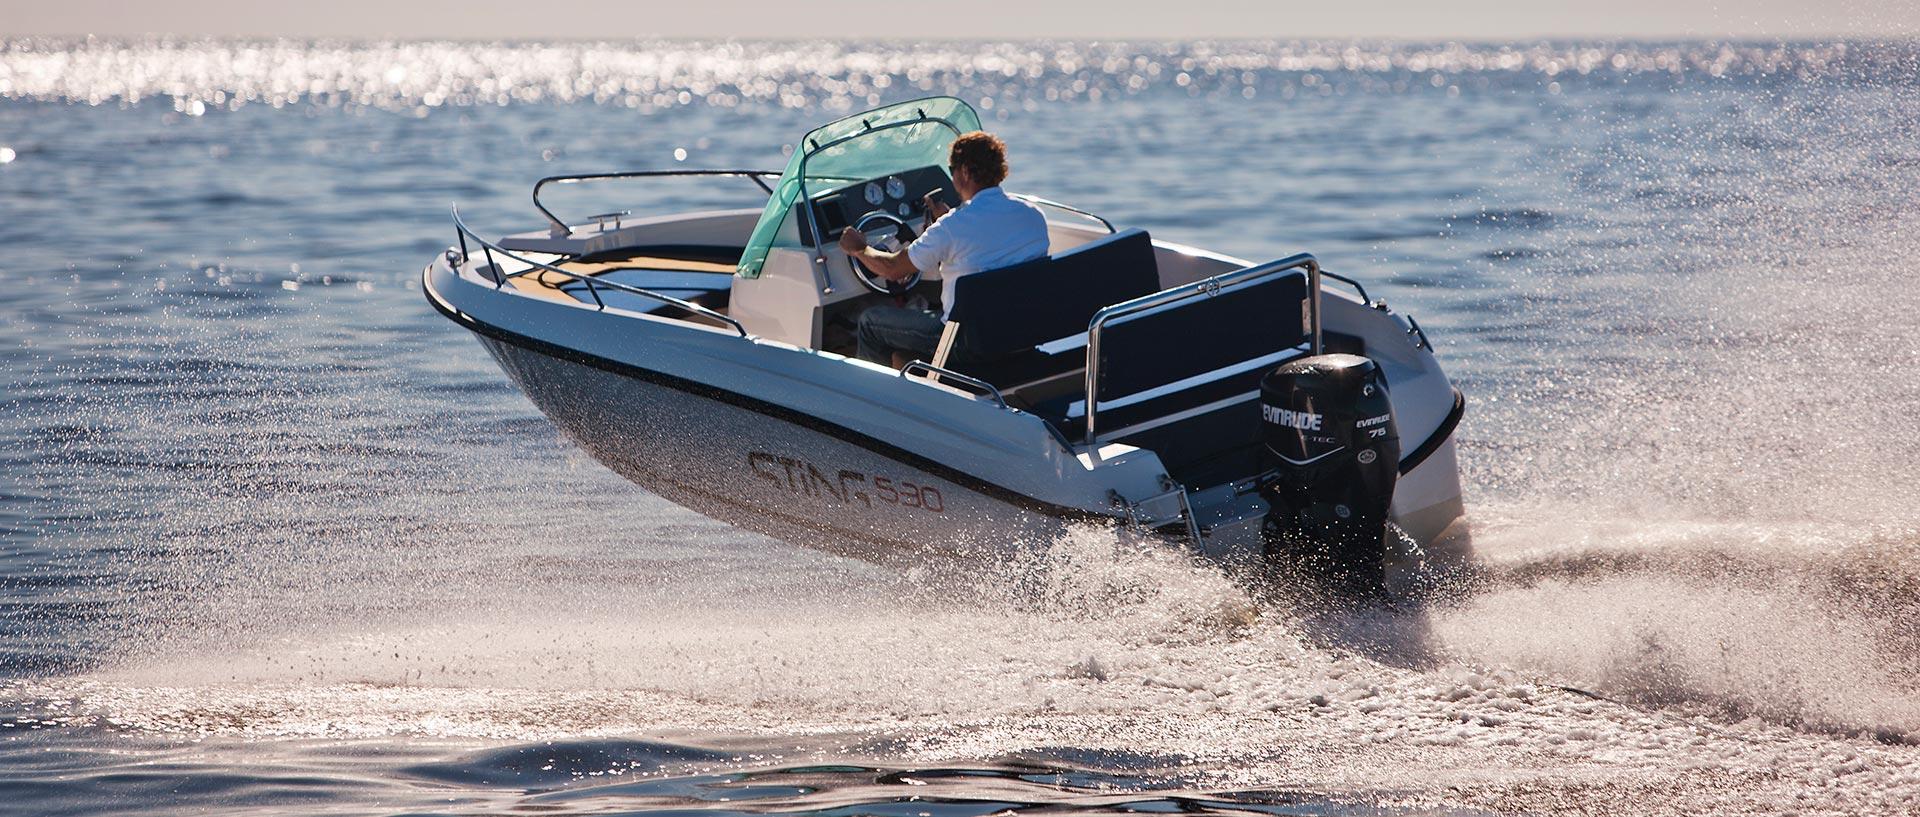 Je STiNG 530 ideální motorový člun na dovolenou?